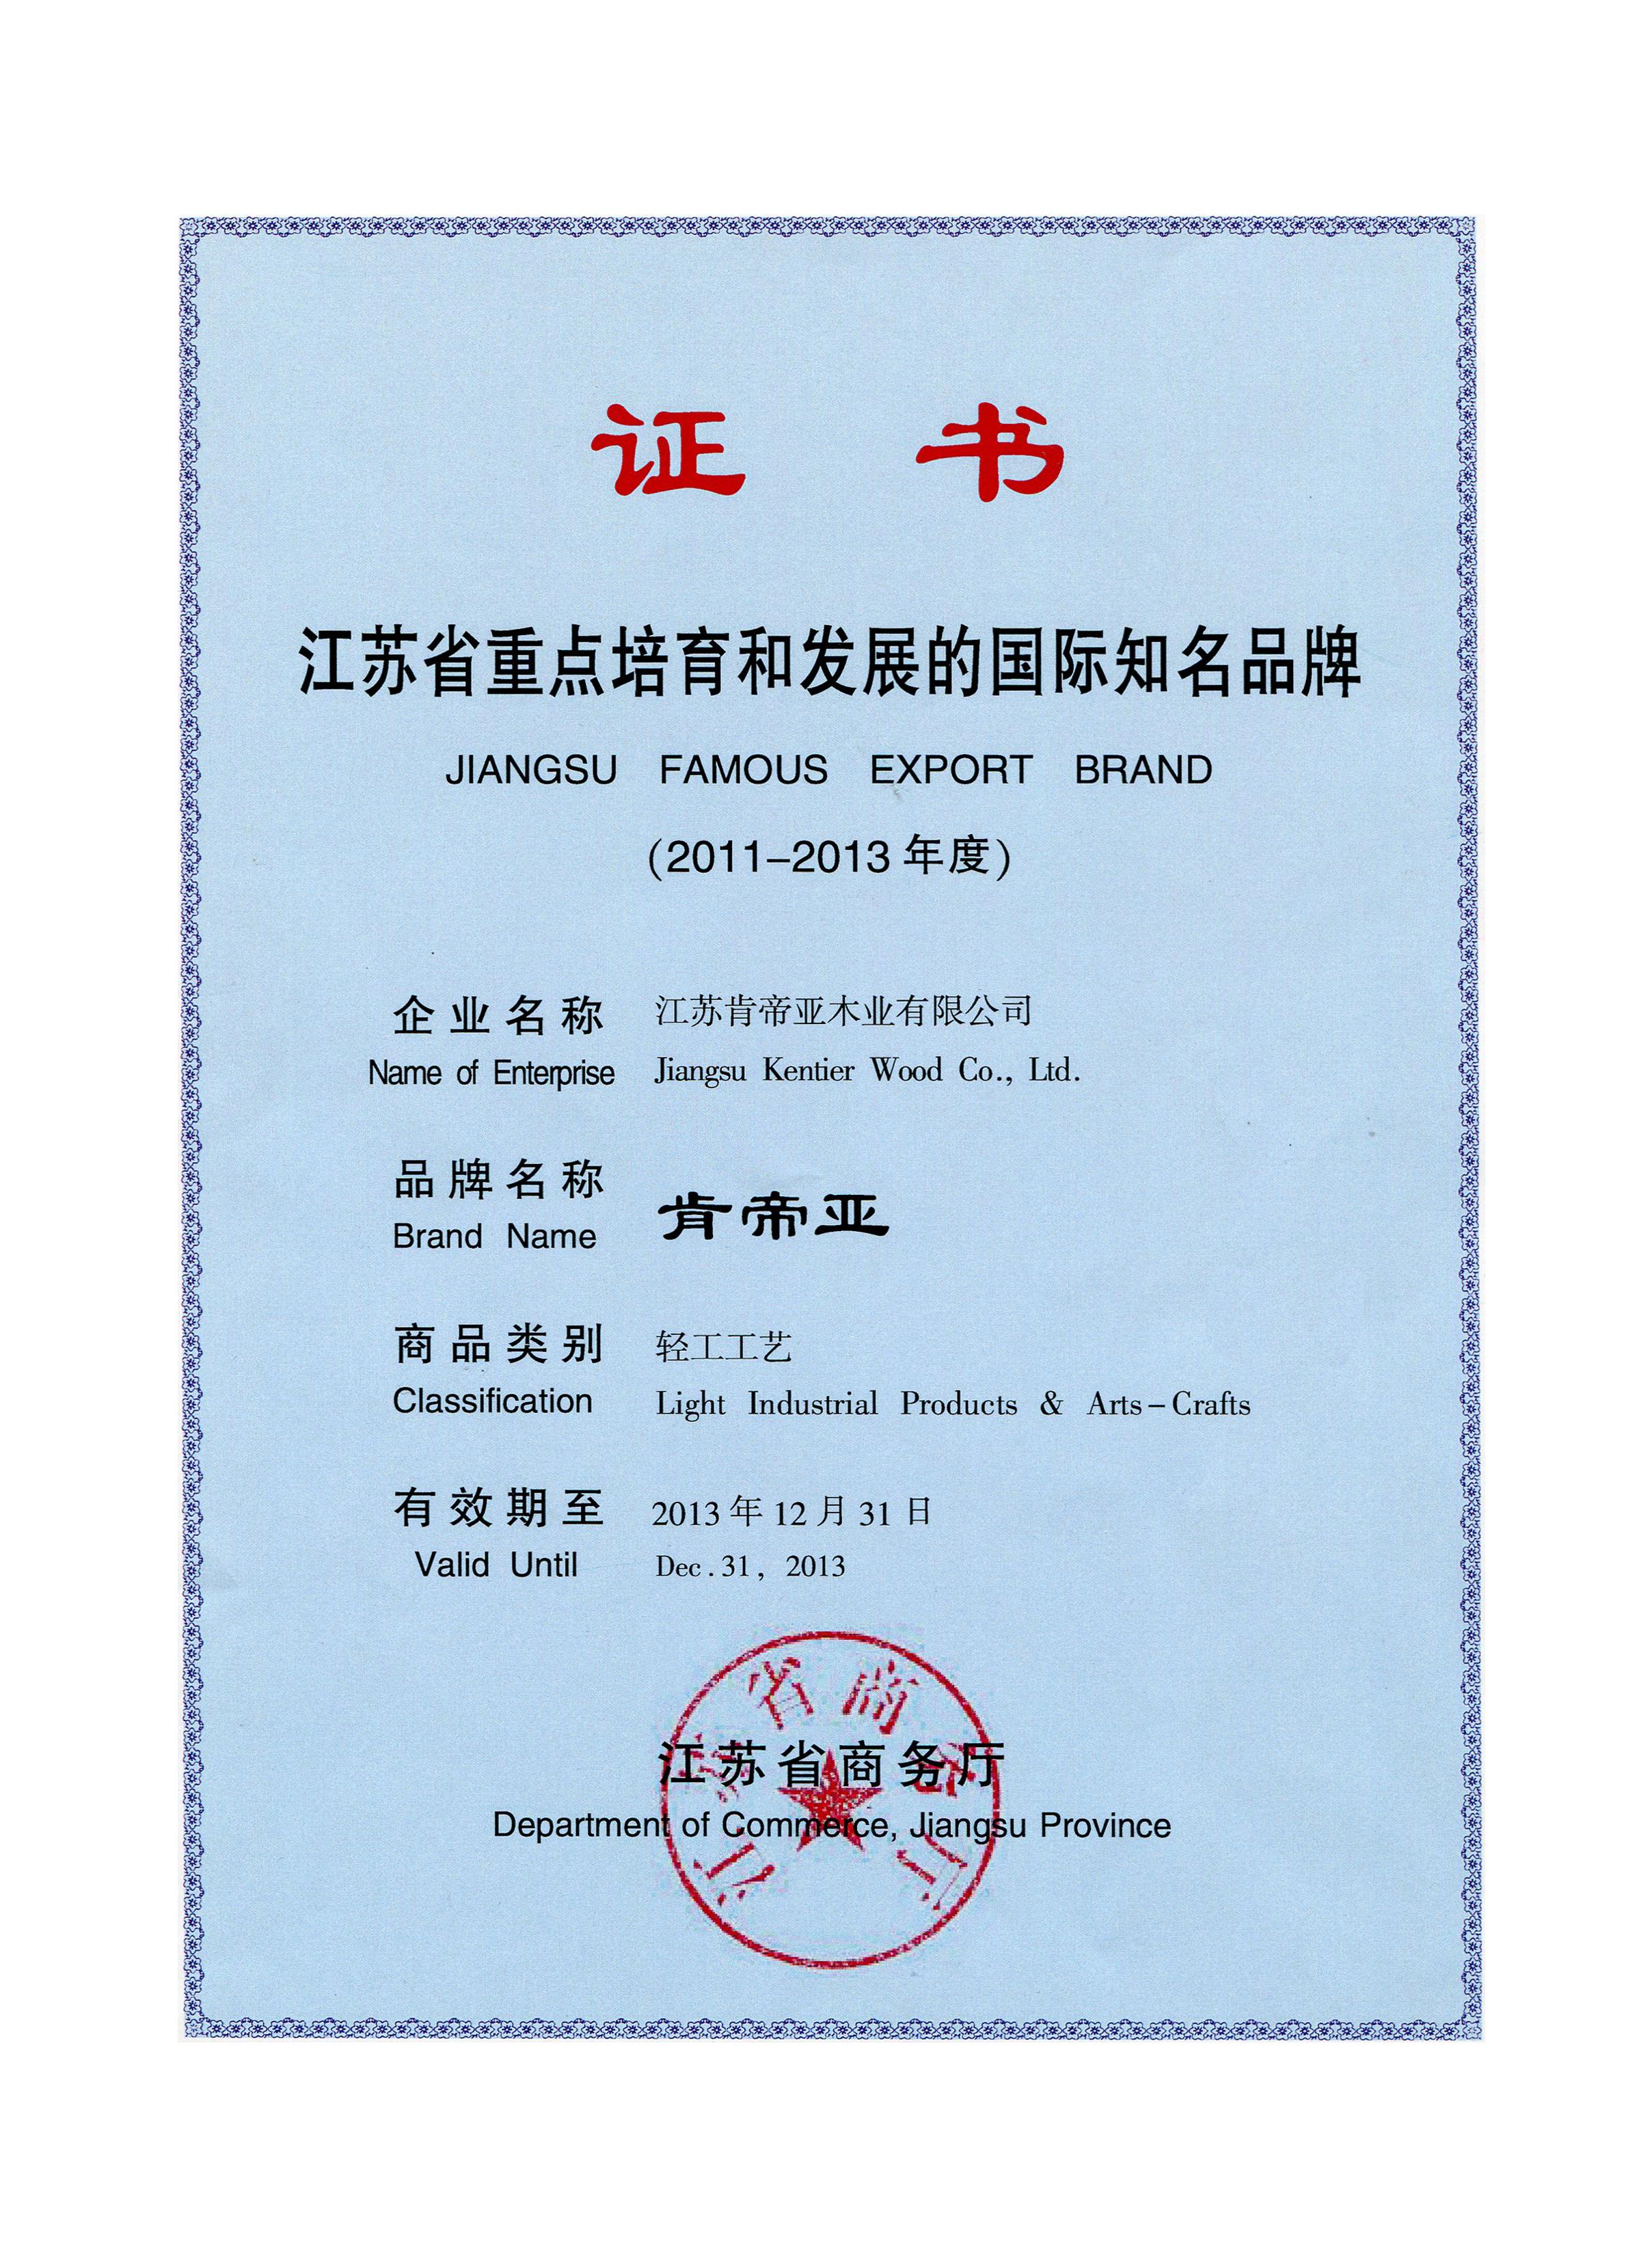 江苏重点培育和发展的国际知名品牌